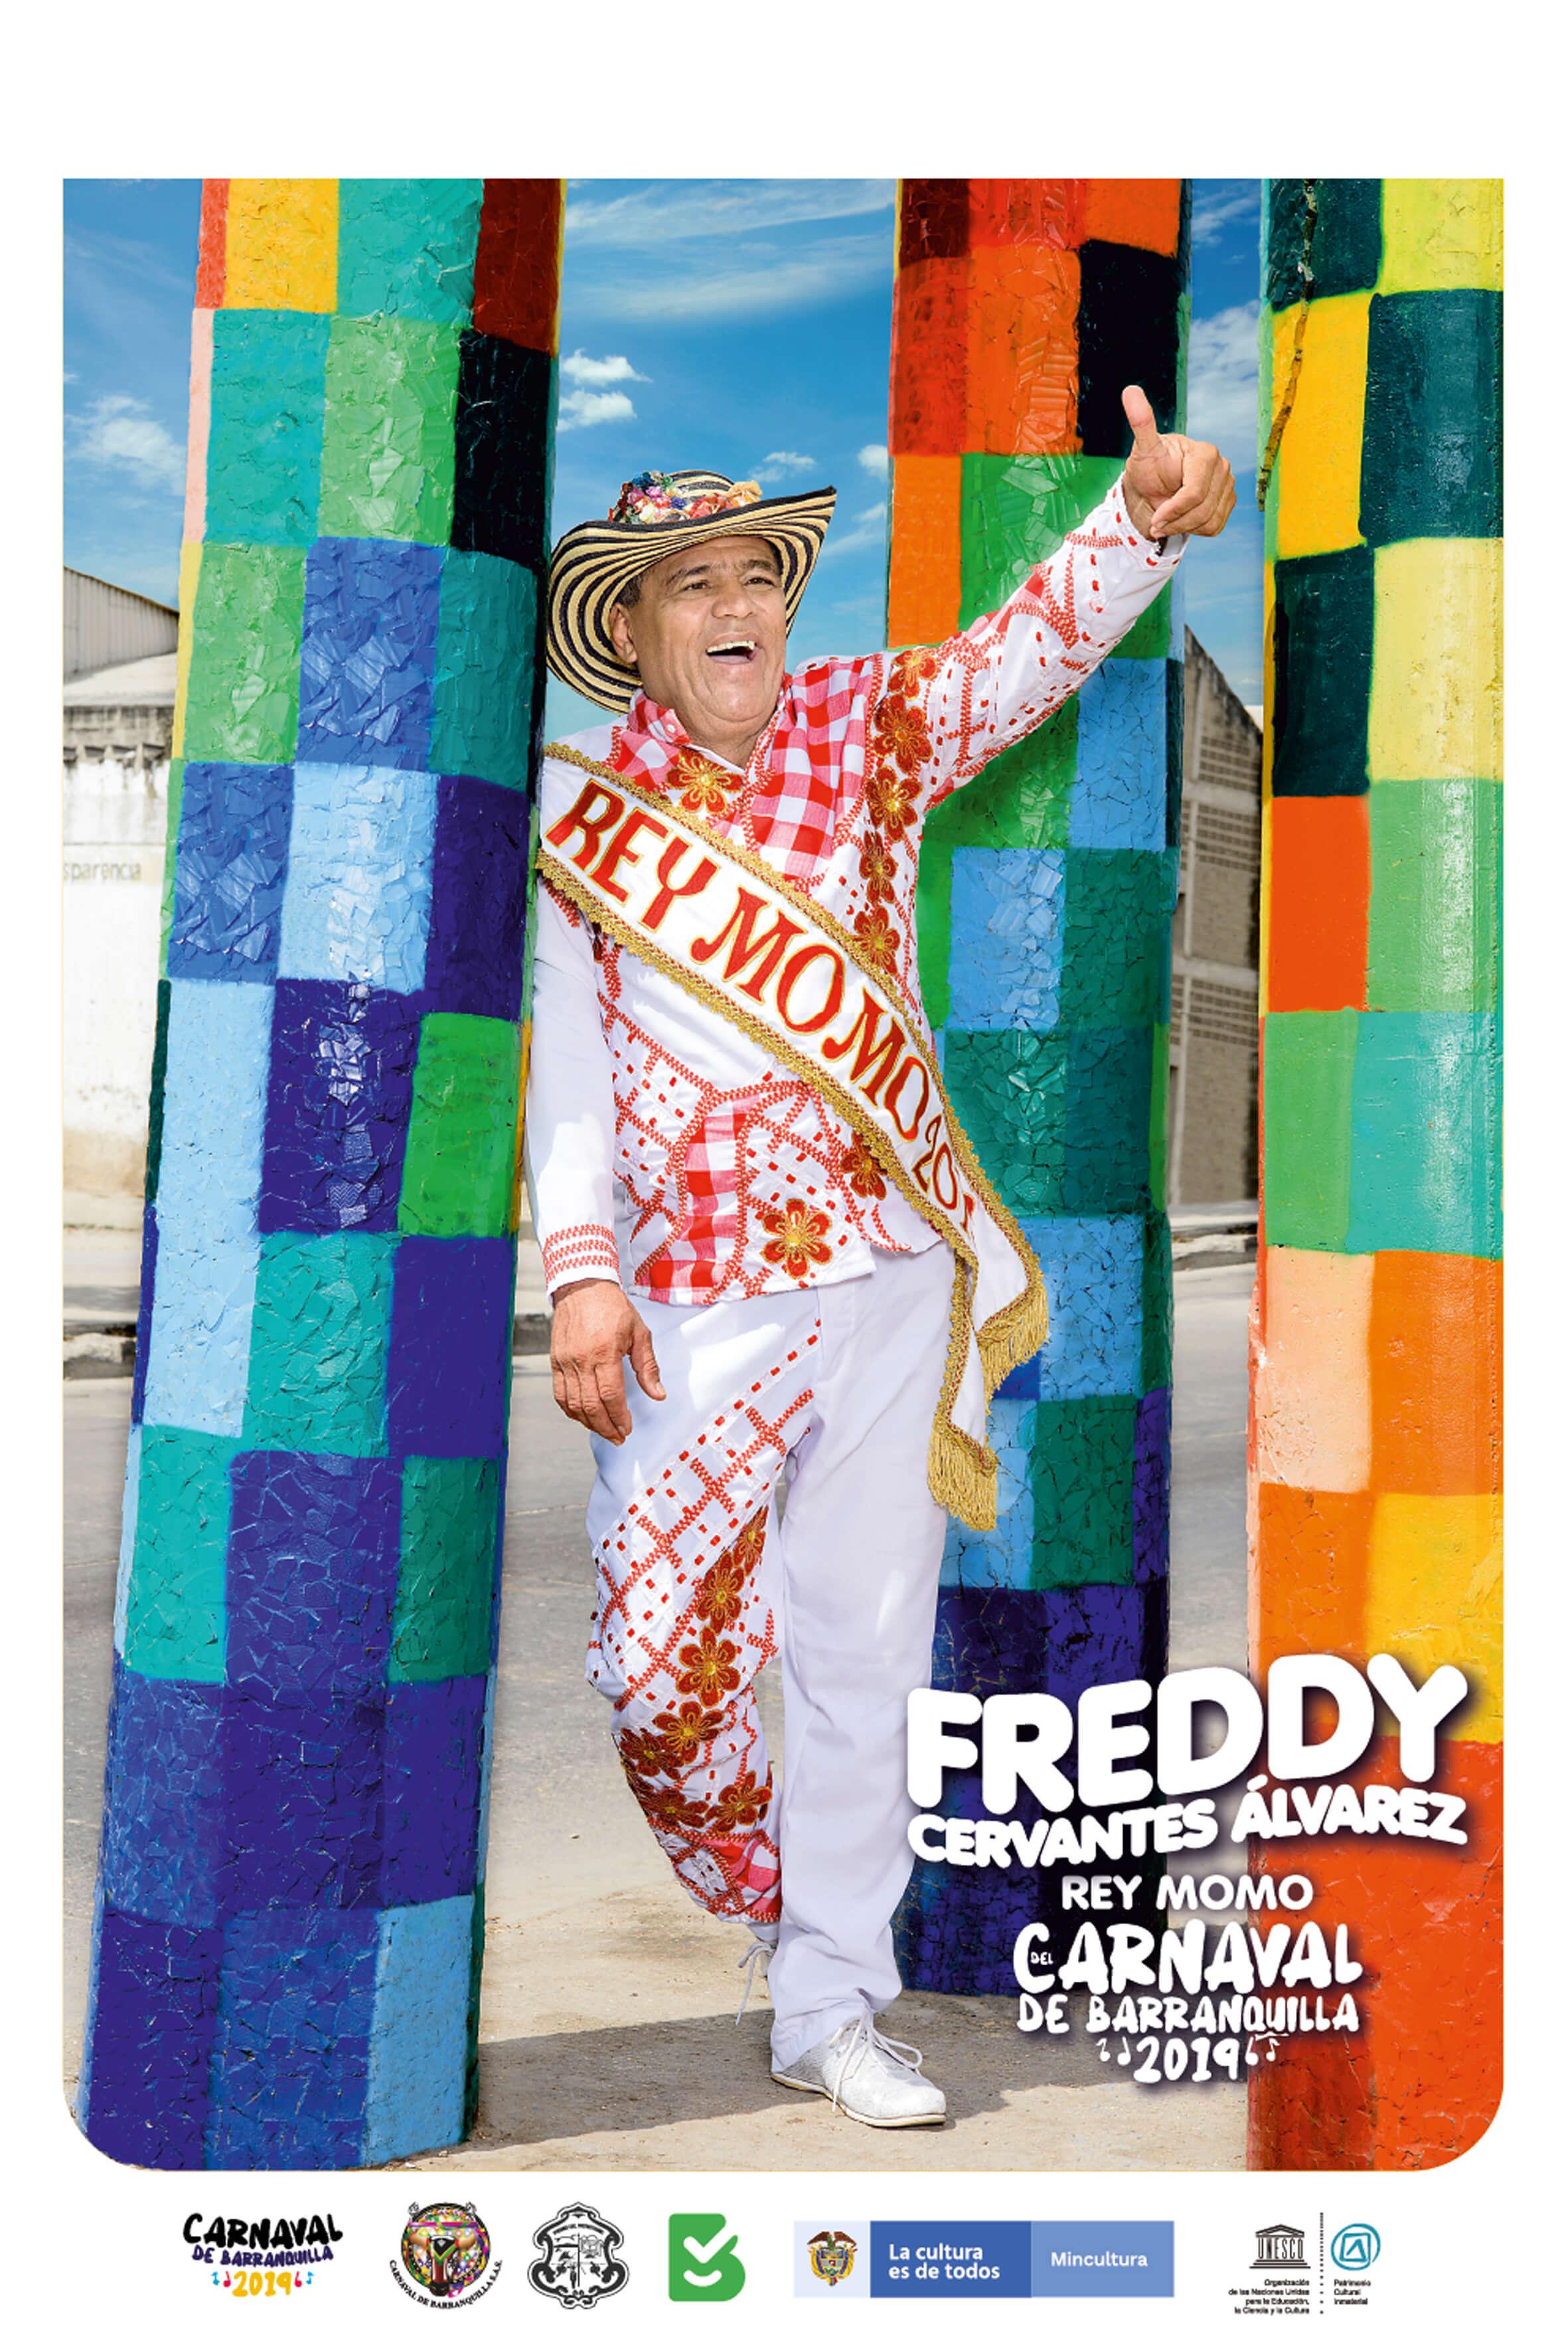 Rey Momo Freddy Cervantes presenta afiche e inaugura su palacio 'Letanía y más Ná' con toma en Rebolo